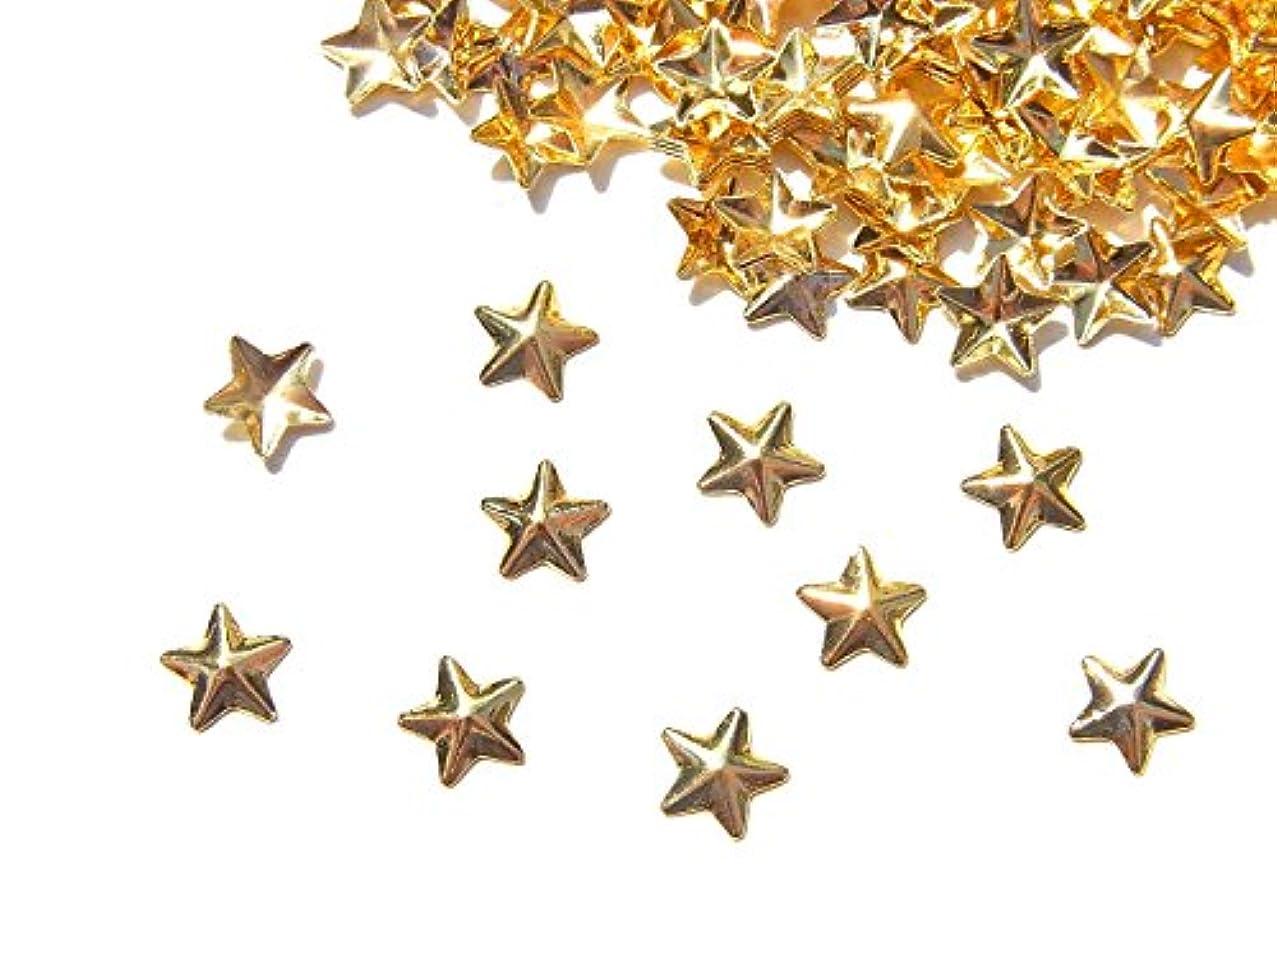 植木倍率任命【jewel】mp12 ゴールド メタルスタッズ Lサイズ 星10個入り ネイルアートパーツ レジンパーツ